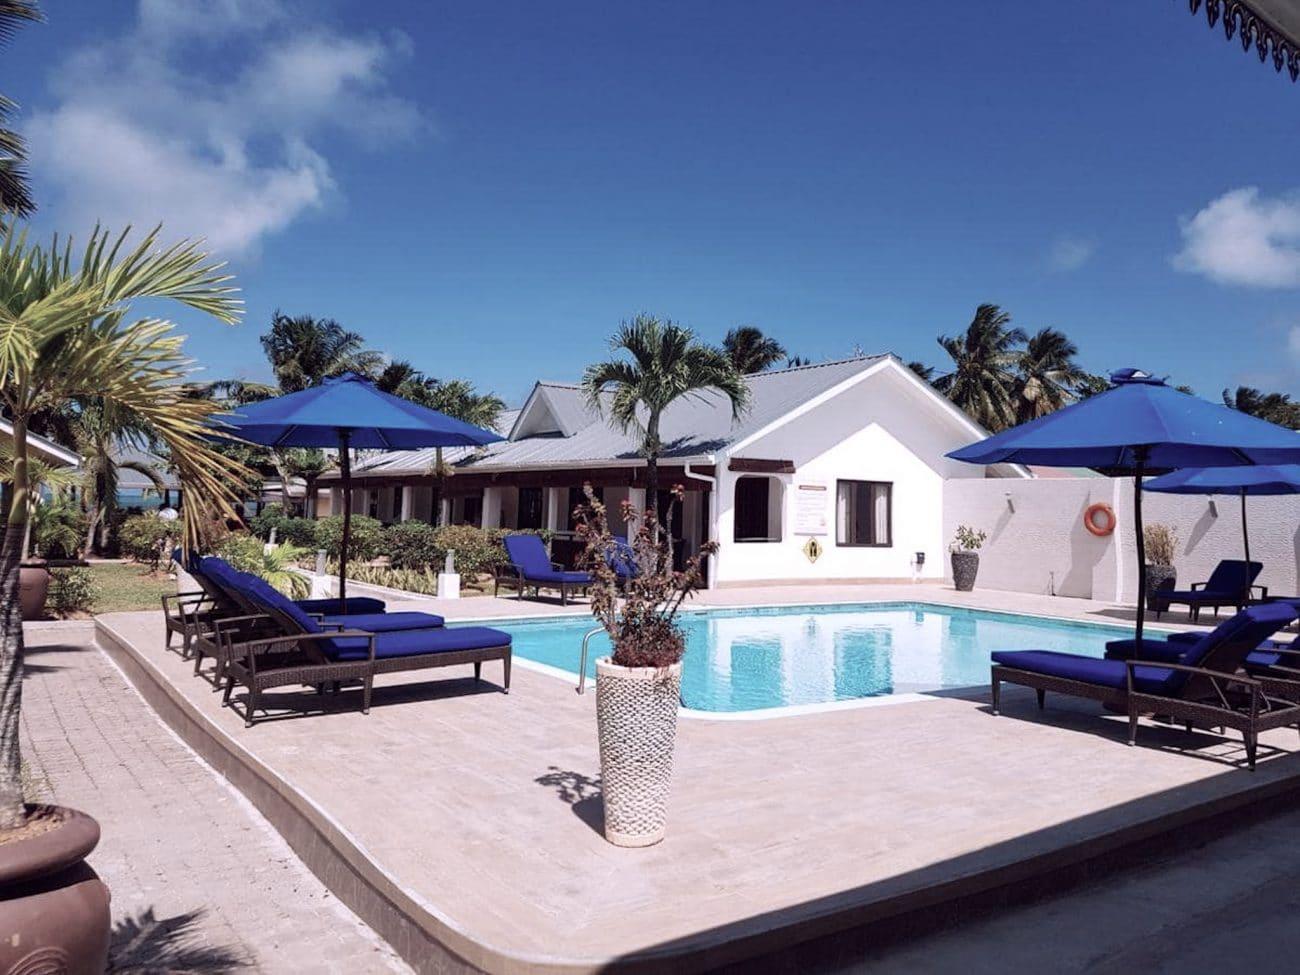 praslin hotel 3 piscine